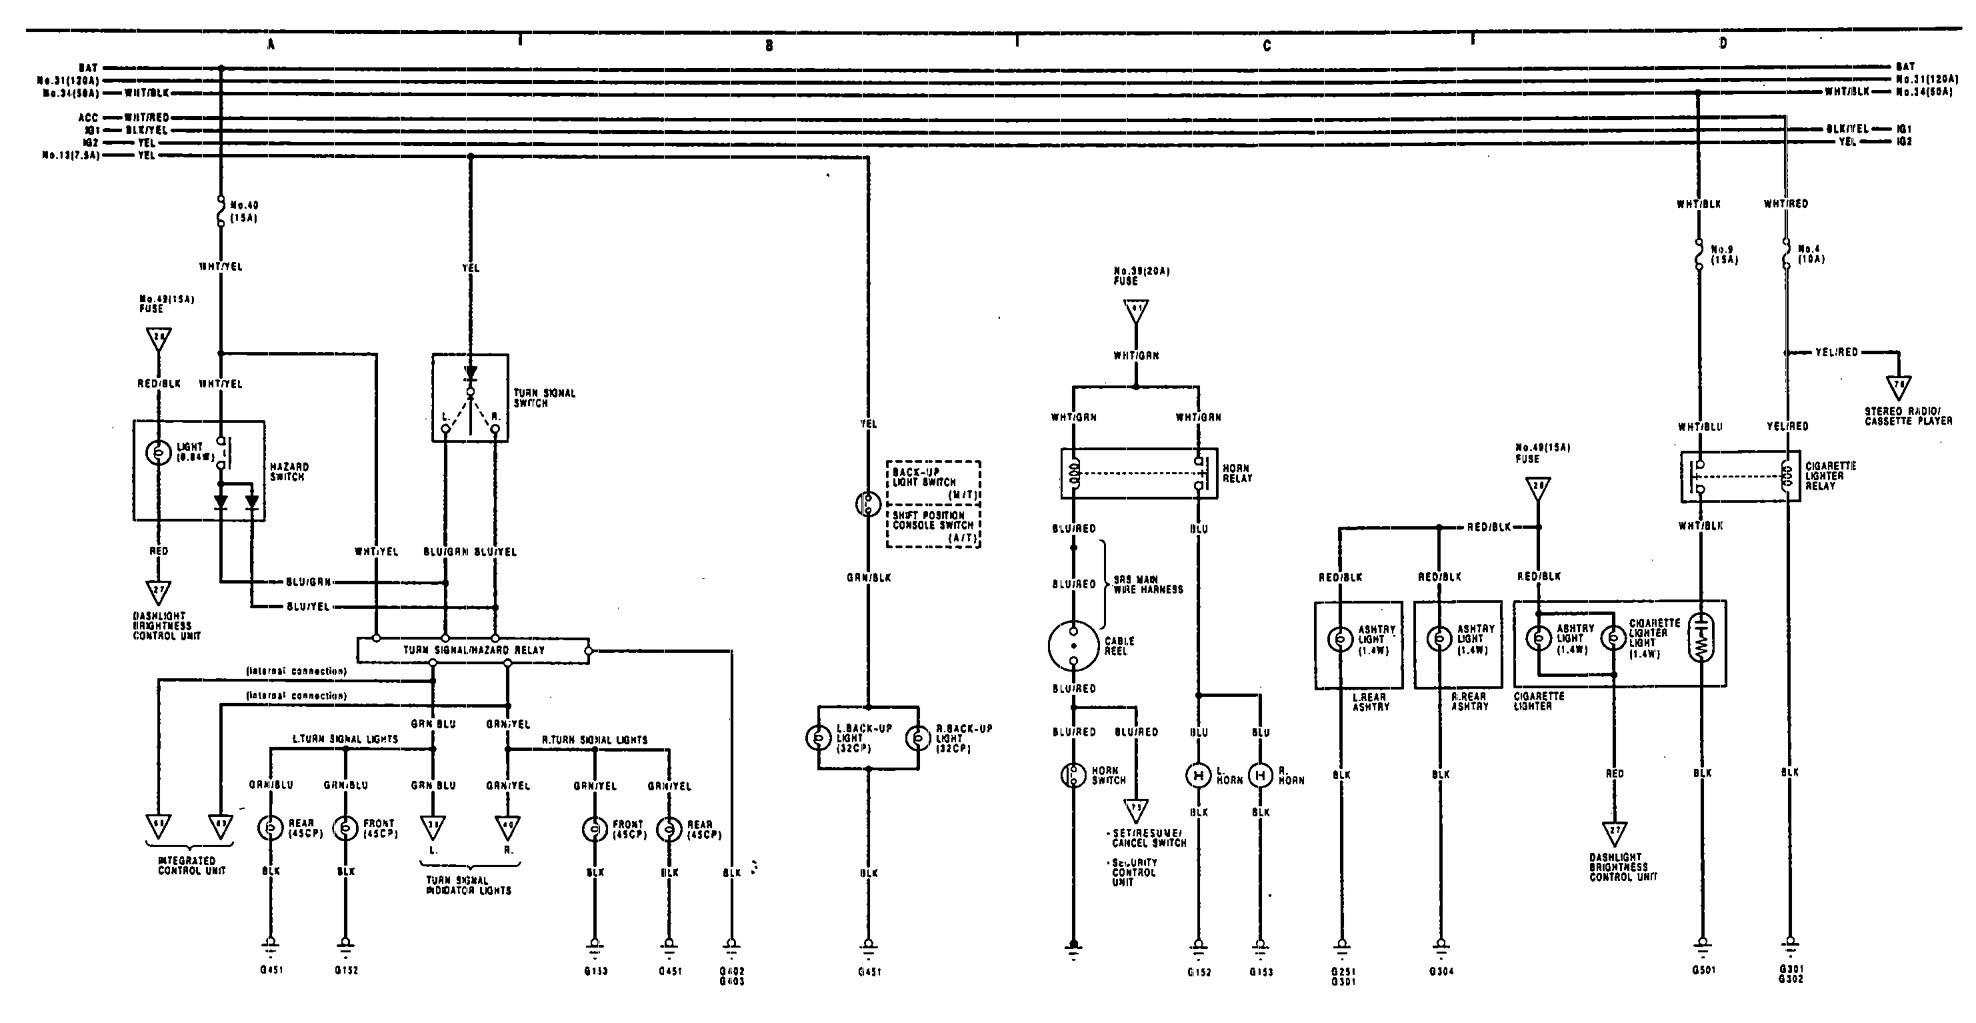 Acura Legend  1991 - 1993  - Wiring Diagram